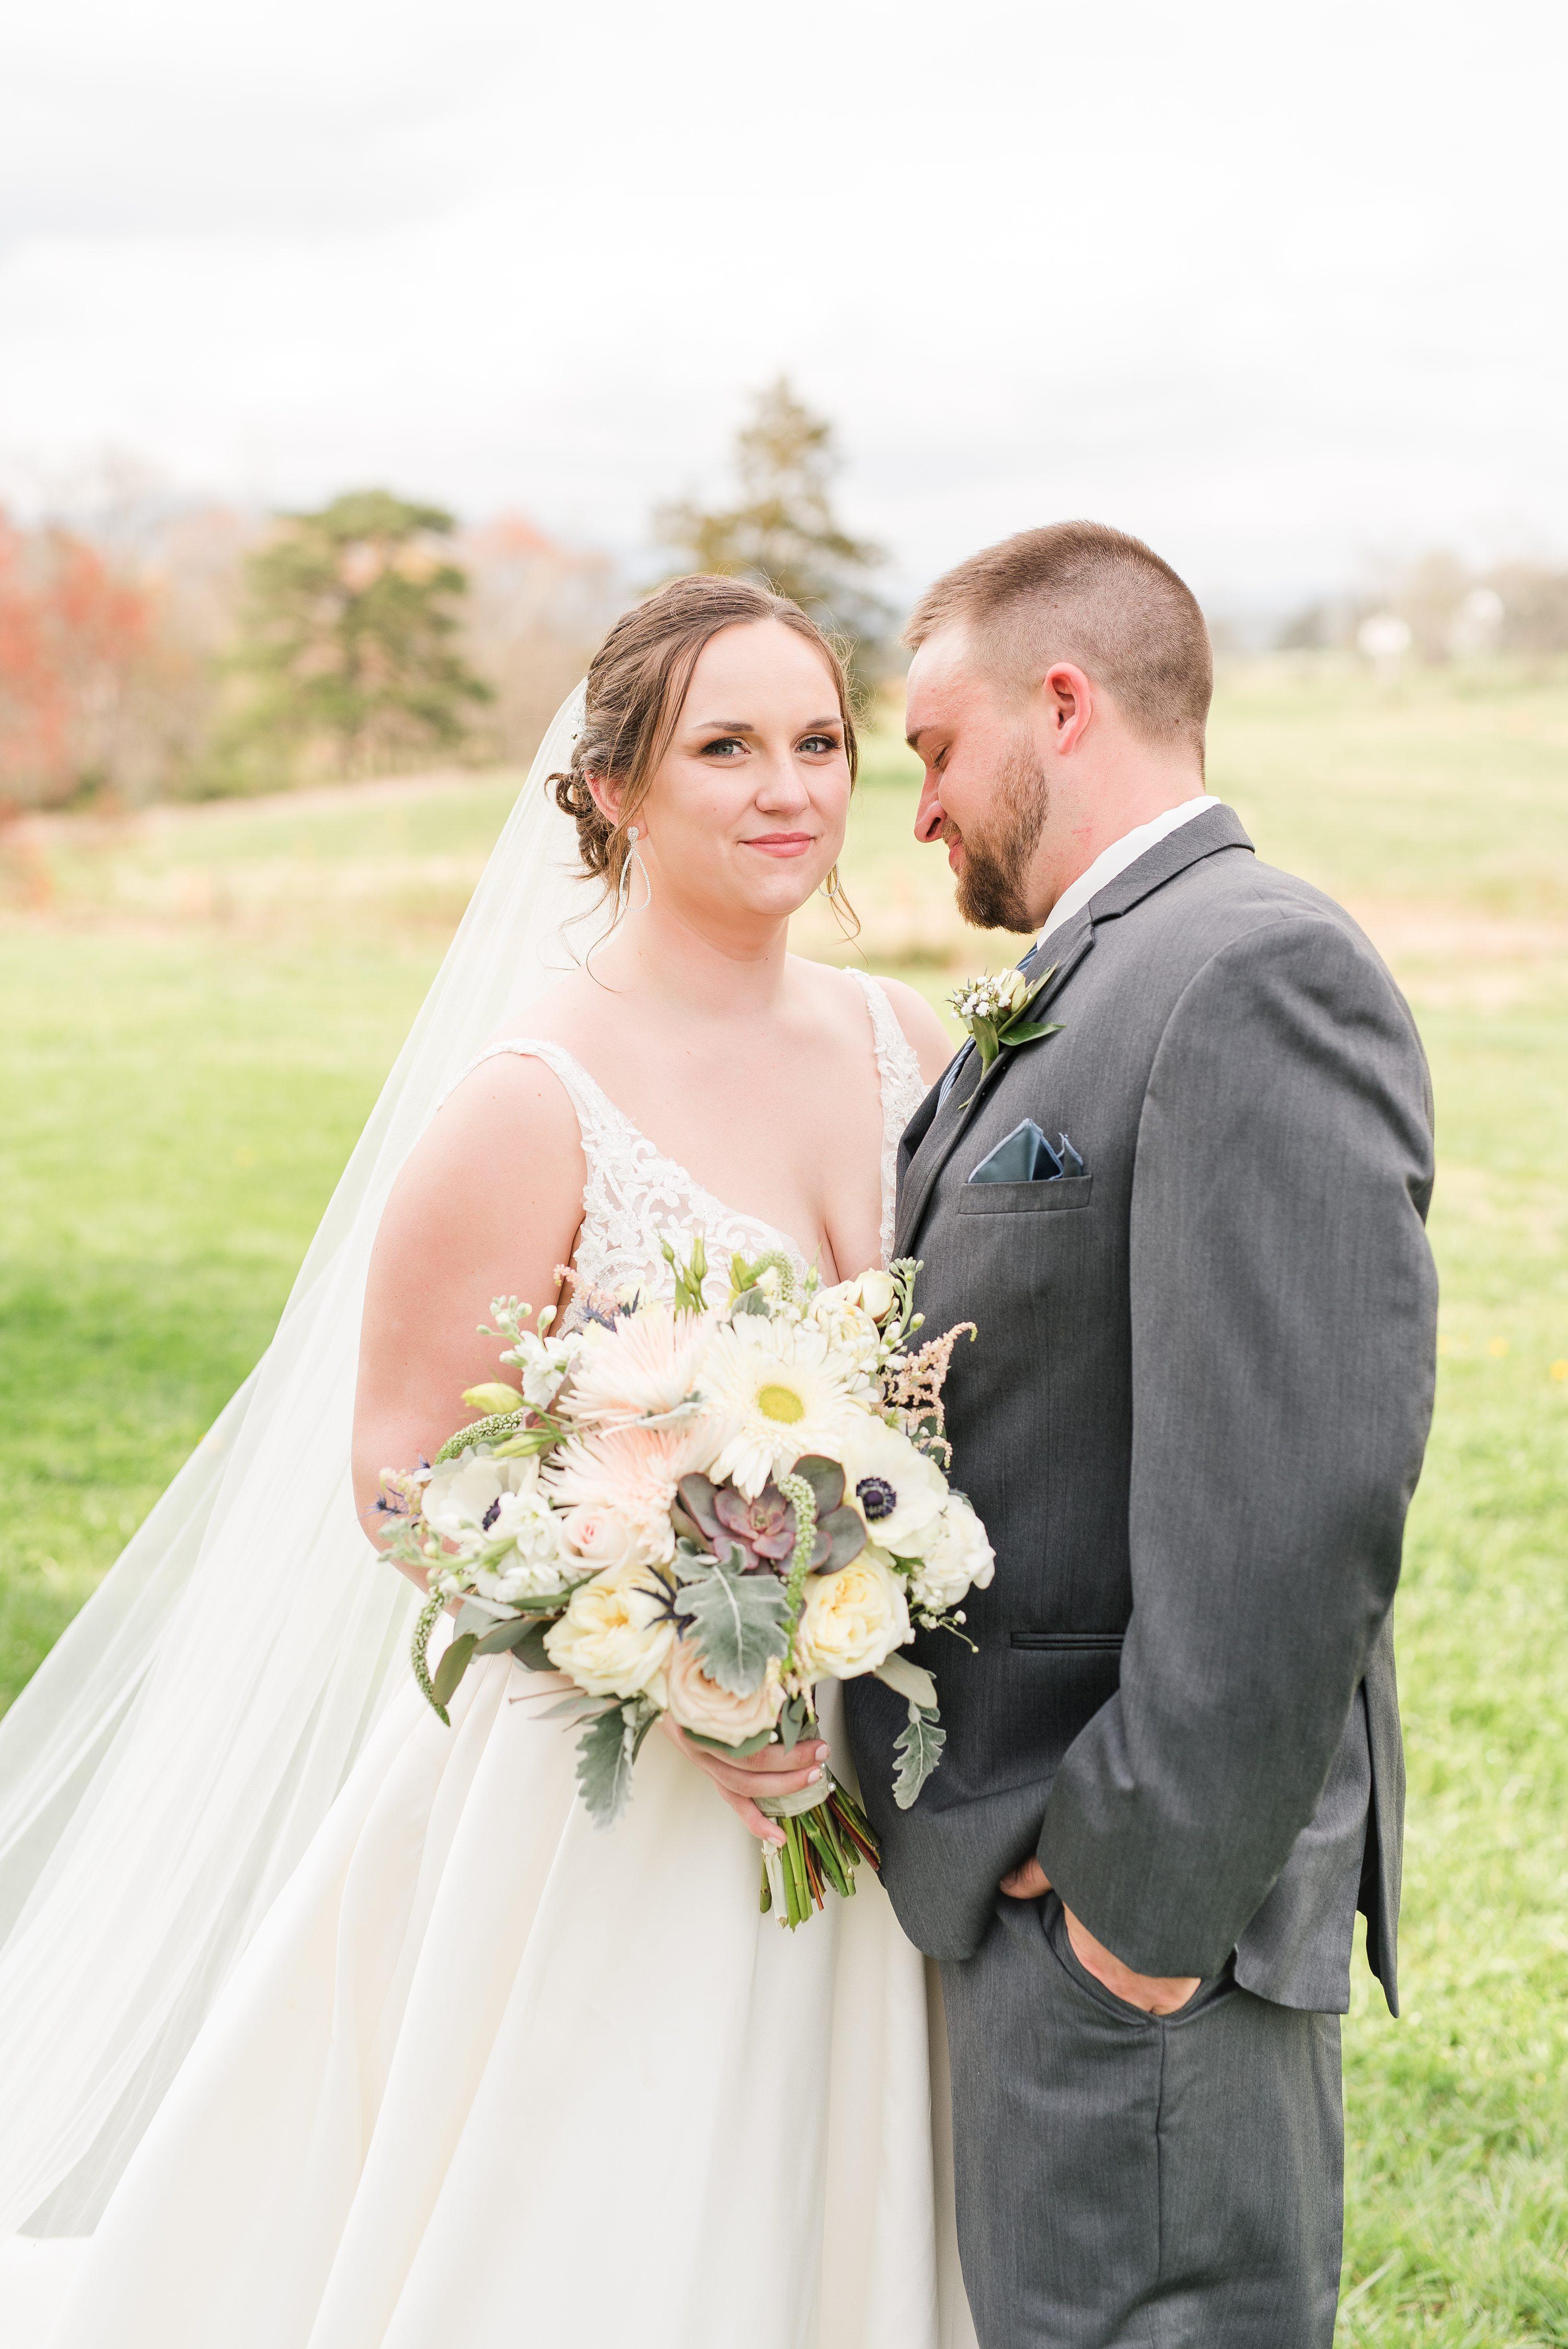 Edgewood,Barn at Edgewood,bride and groom,mountain wedding,edgewood barn